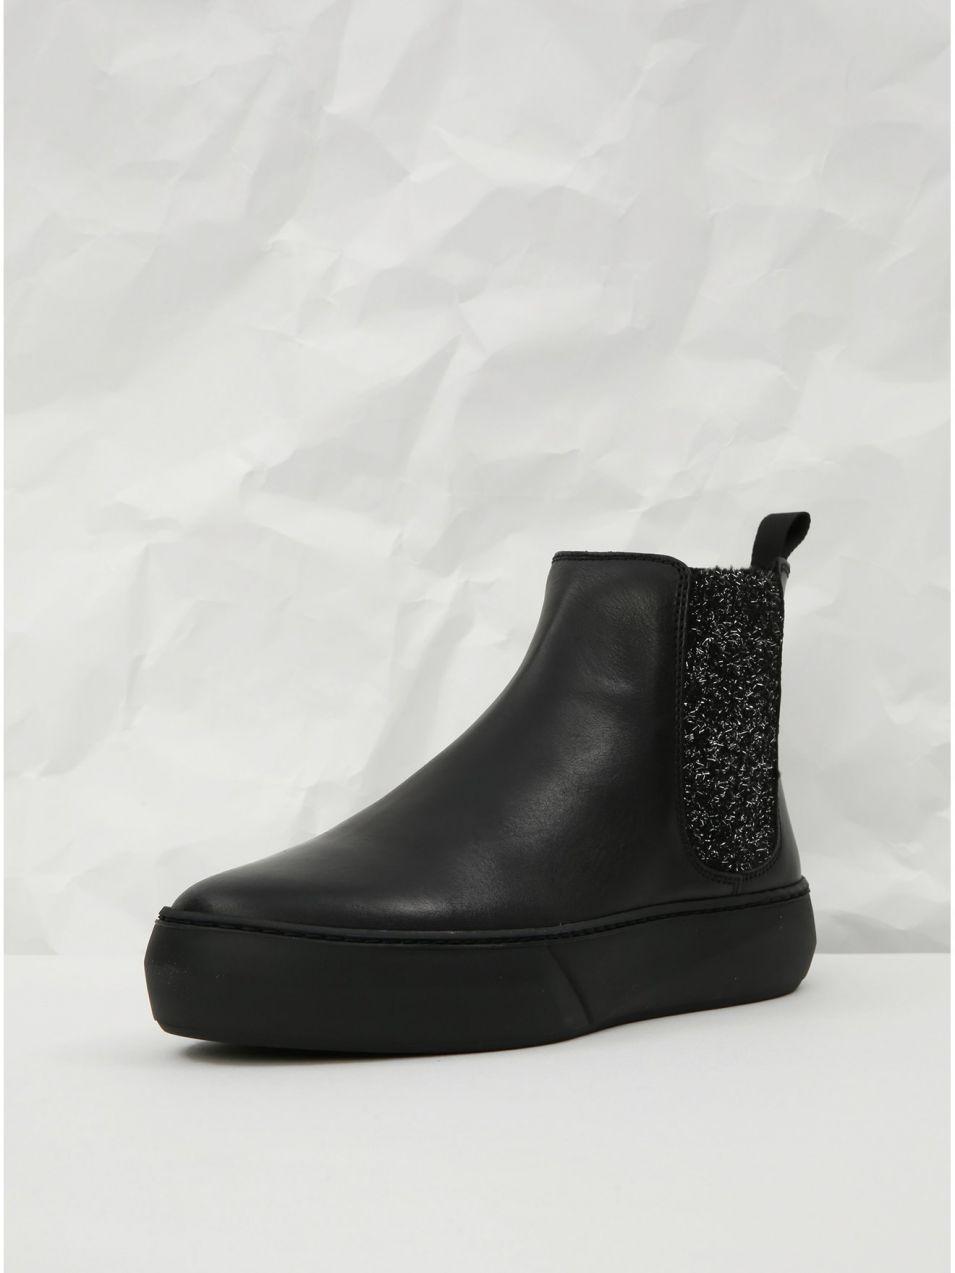 e22c2e22ef Čierne kožené chelsea topánky na platforme s trblietavým detailom Frau  Ferrer